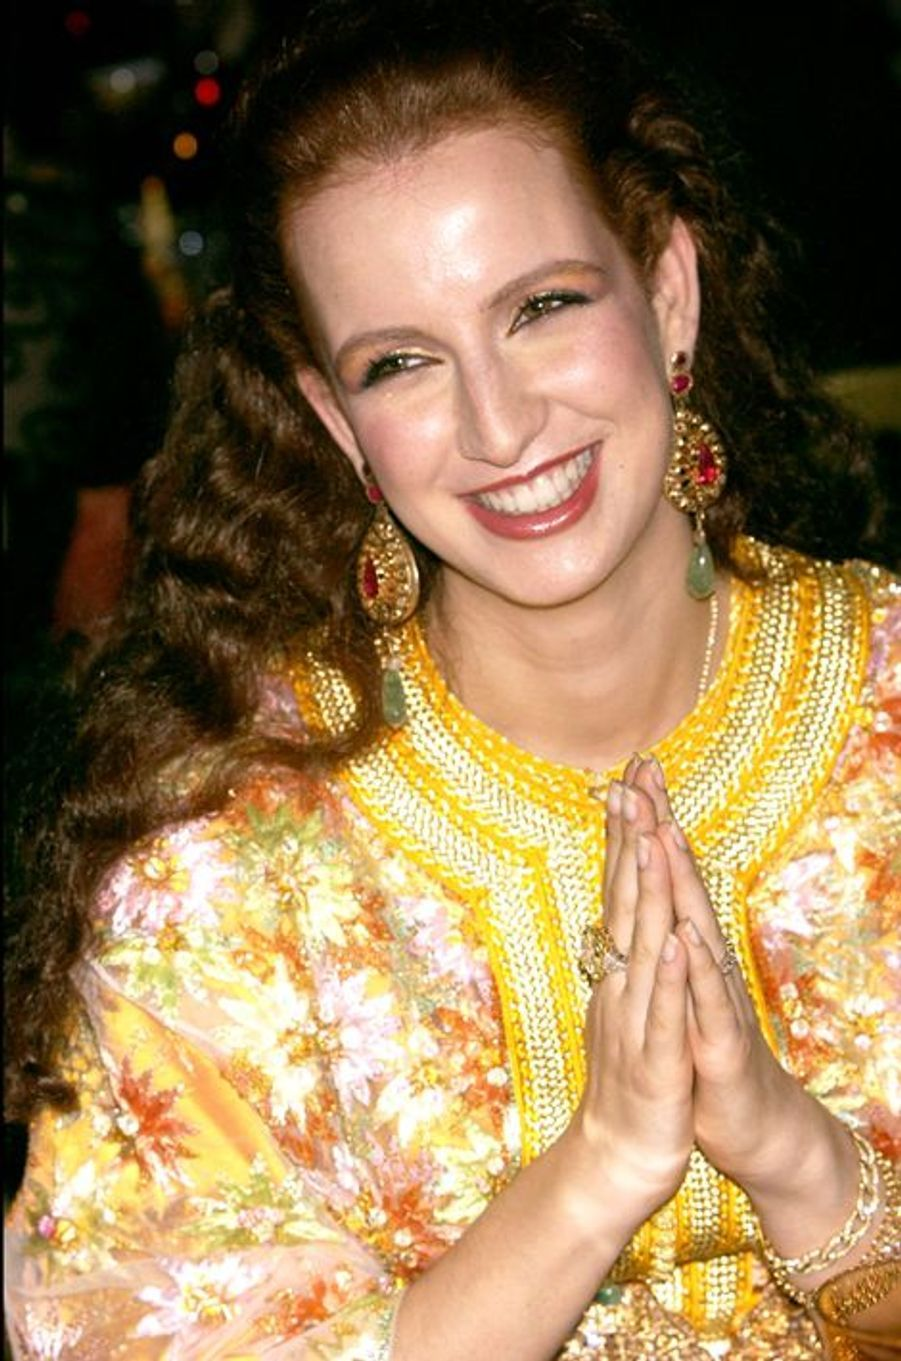 La princesse Lalla Salma du Maroc au château de Versailles, le 8 décembre 2003